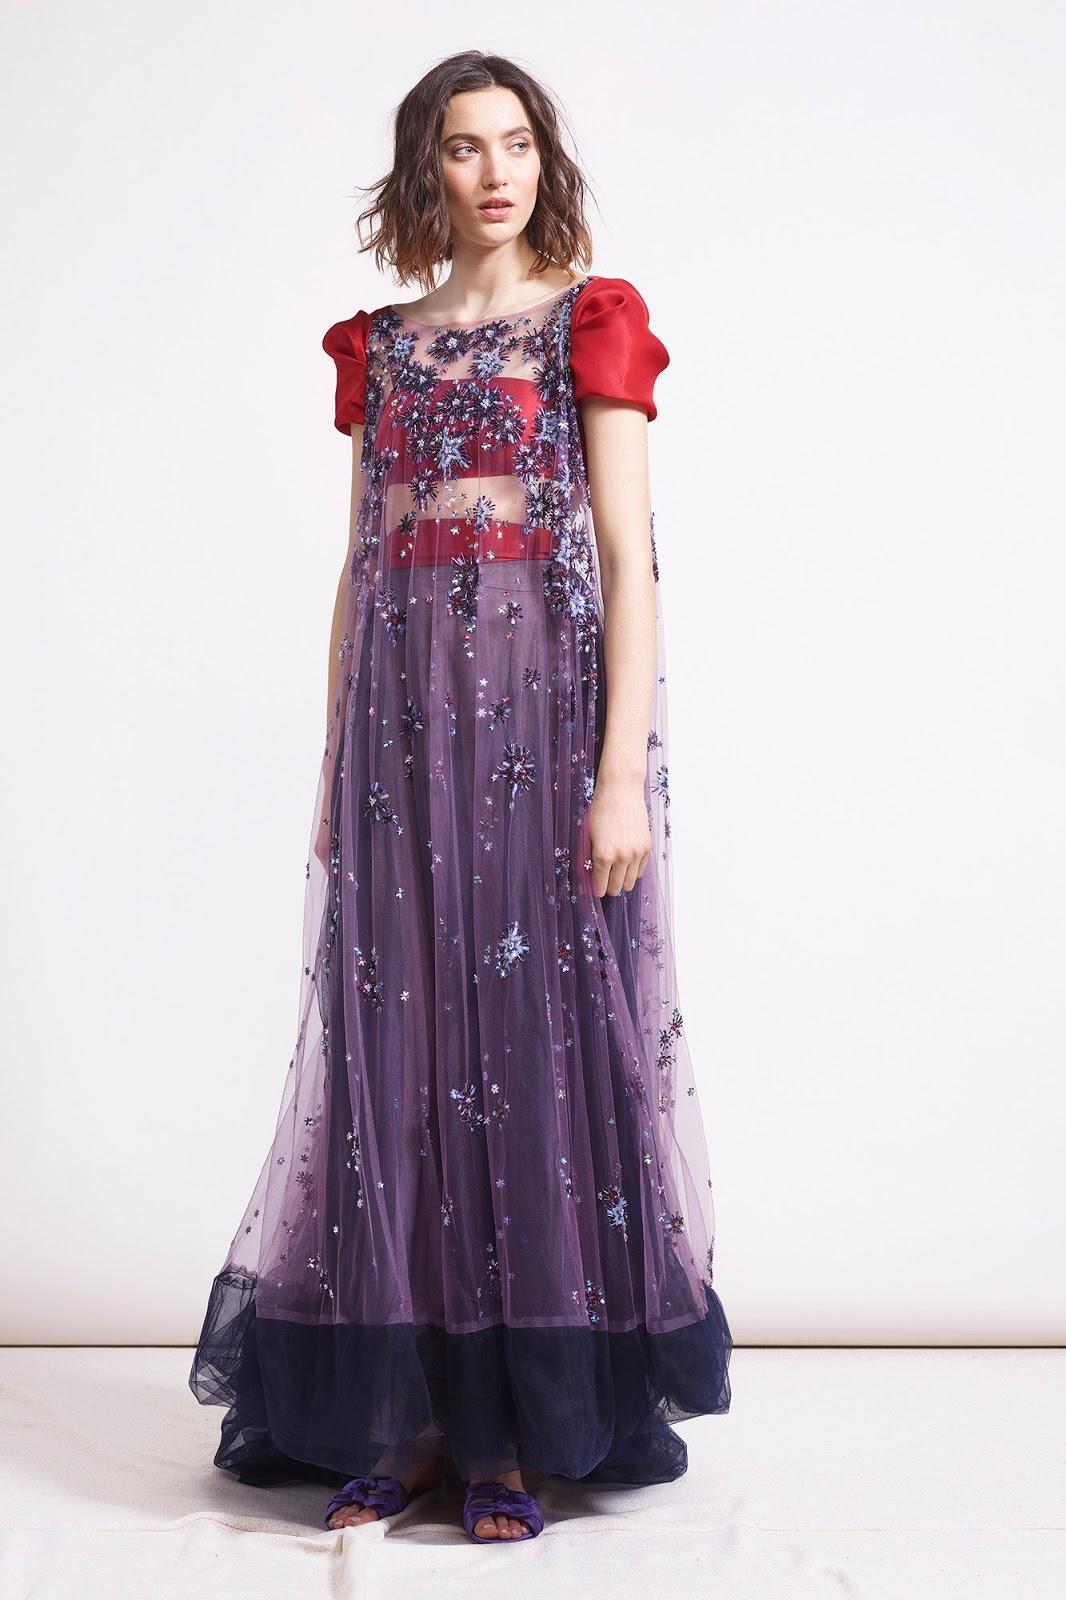 Asombroso Precios De Vestido De Novia Amsale Imágenes - Vestido de ...